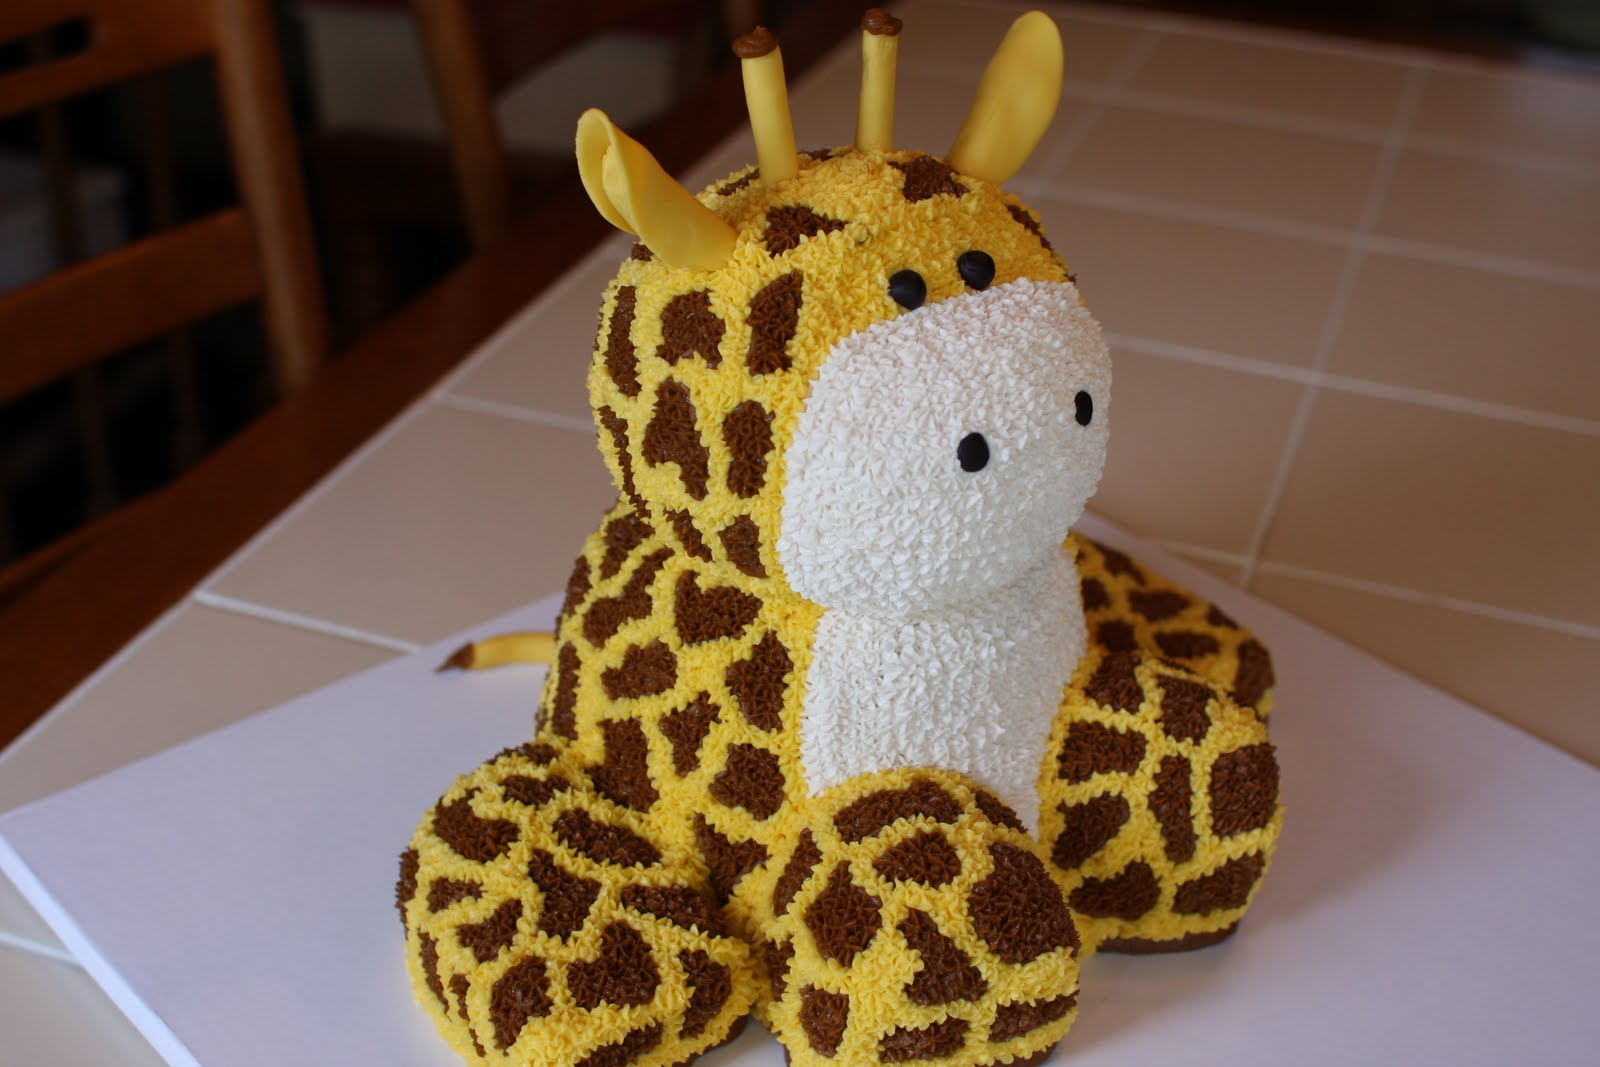 The buttercream bakery giraffe cake